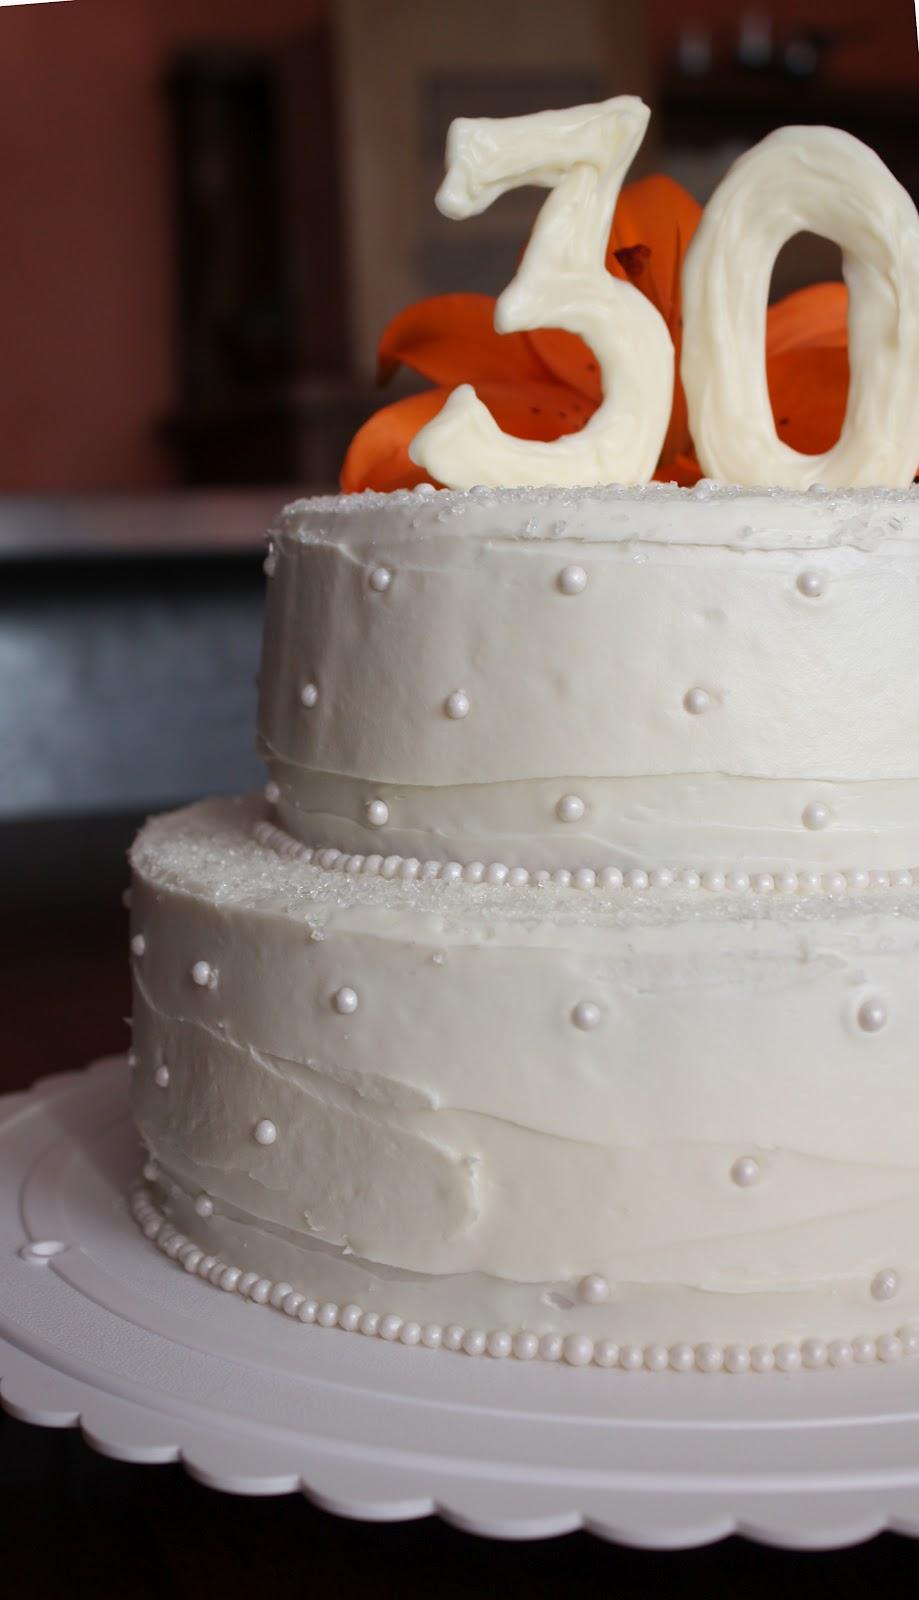 Straight To Cake 30th Anniversary Cake